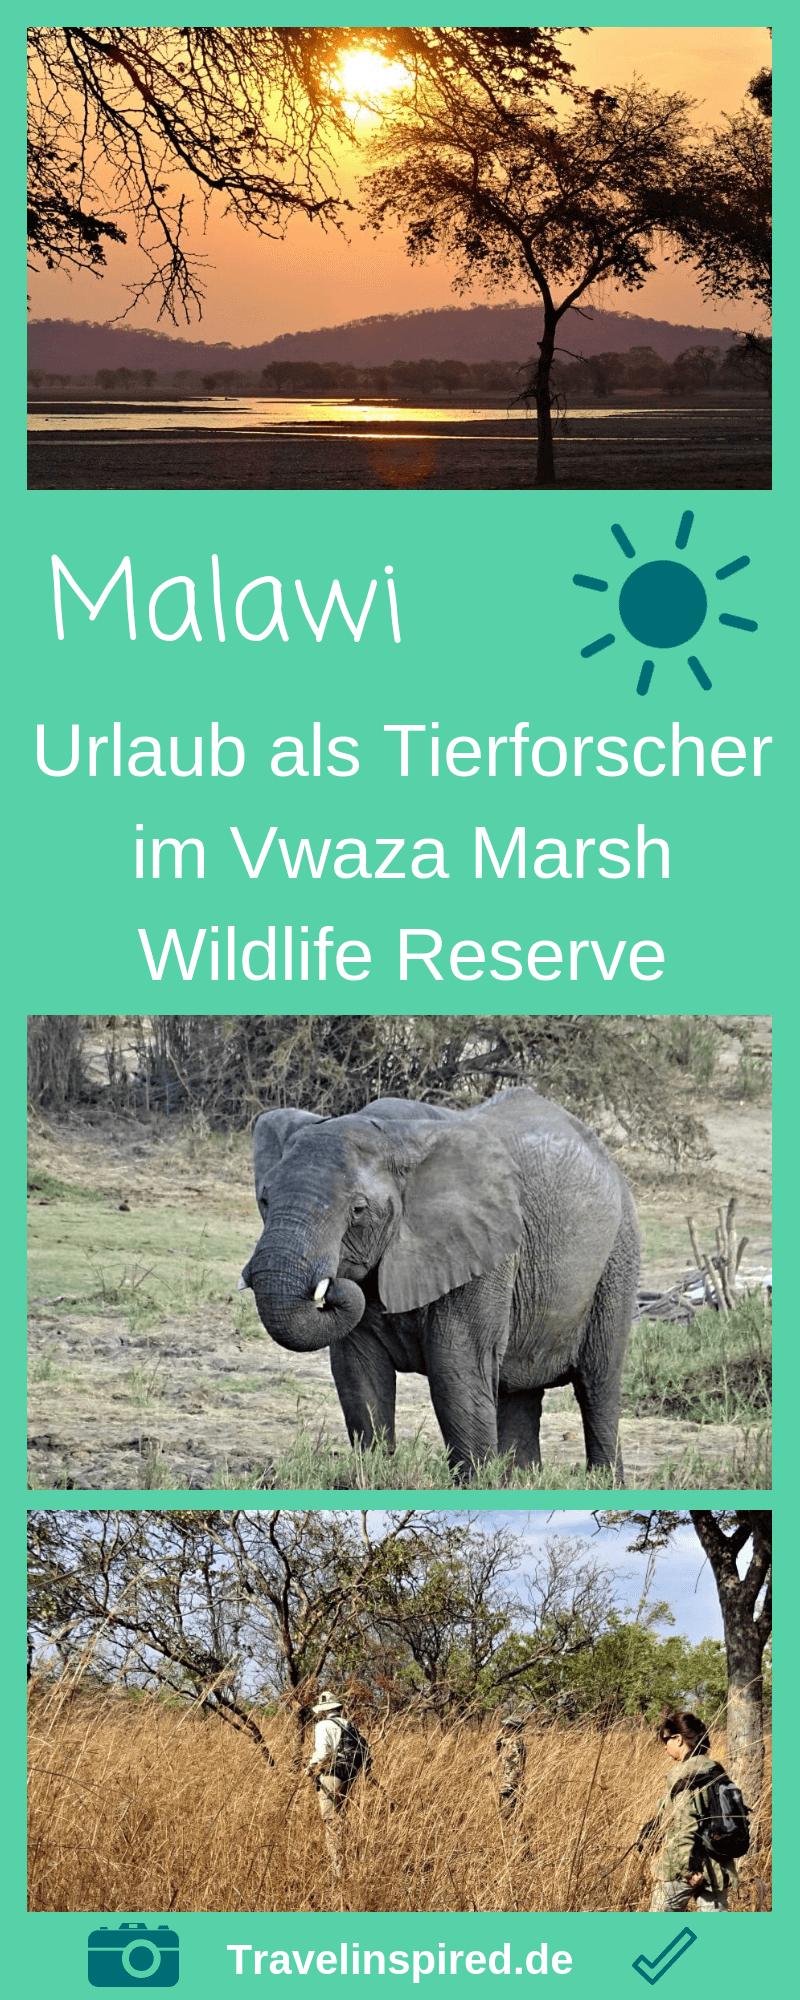 Urlaub Als Tierforscherin In Malawi Travelinspired Afrika Reisen Abenteuerreisen Reisen